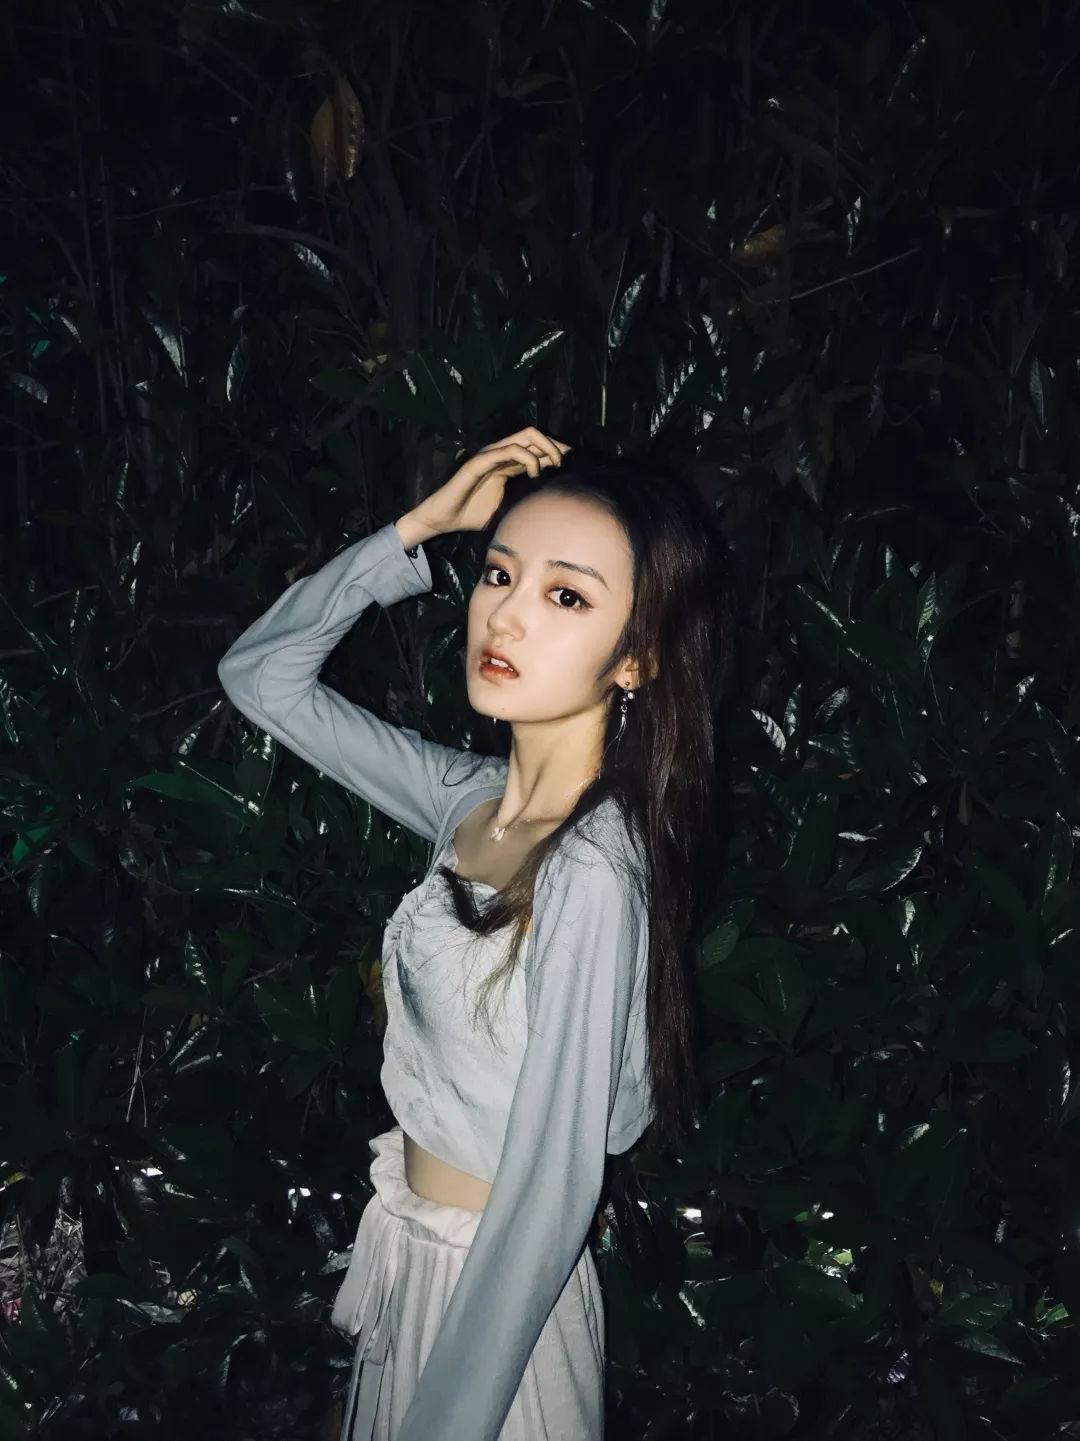 狐友国民校花大赛:小姐姐们一水儿漂亮!